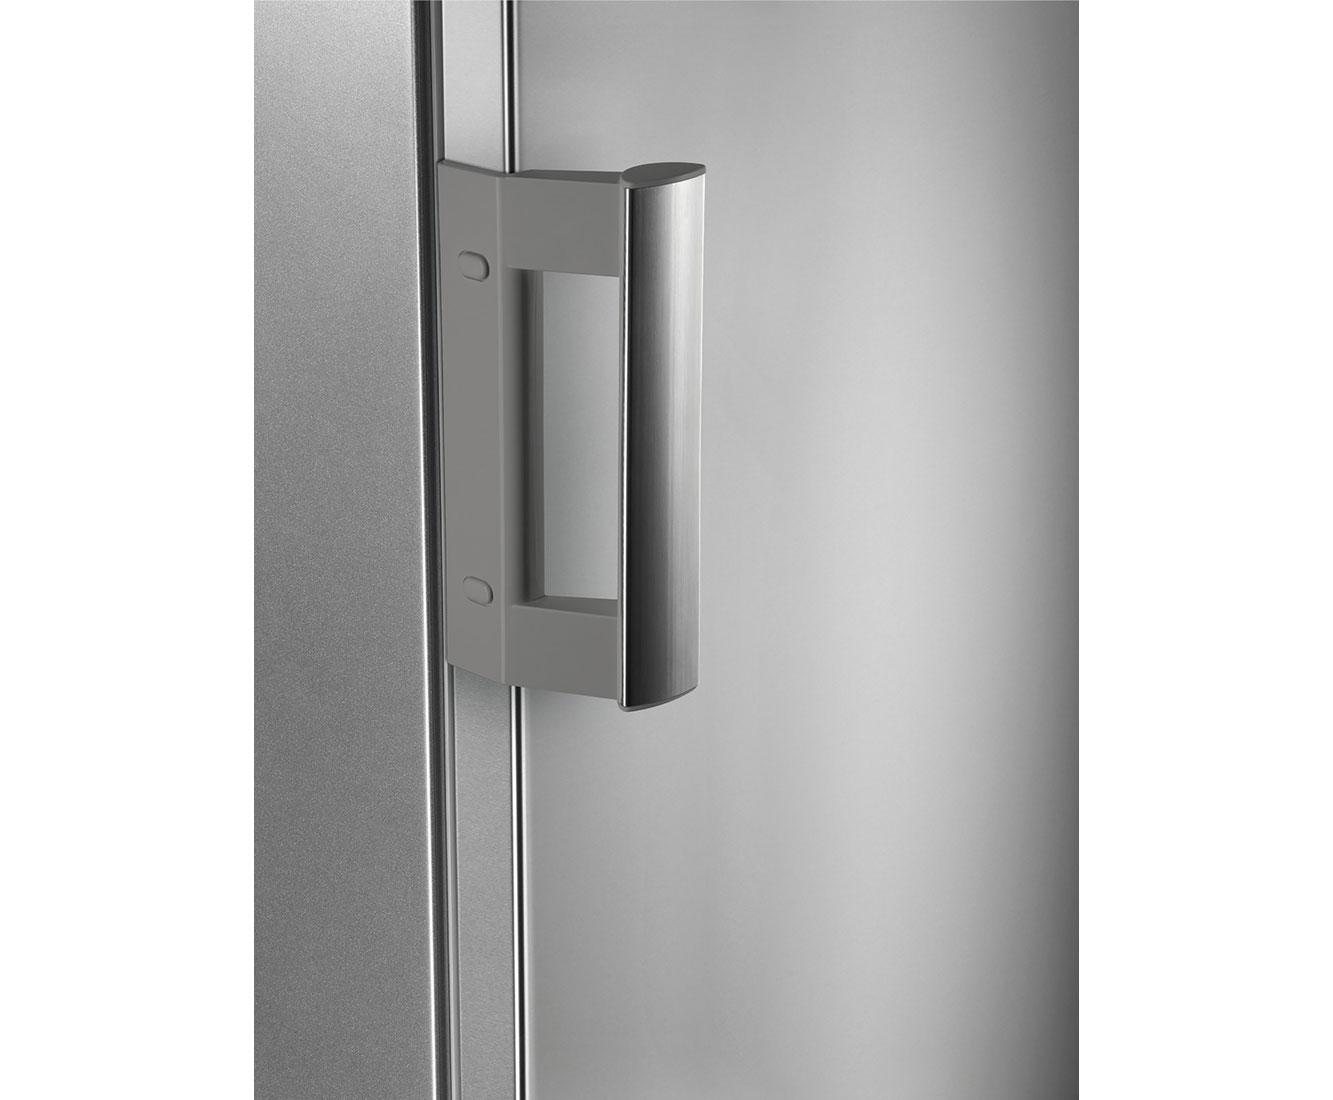 Aeg Kühlschrank Preise : Aeg rtb ax santo kühlschrank freistehend cm edelstahl neu ebay